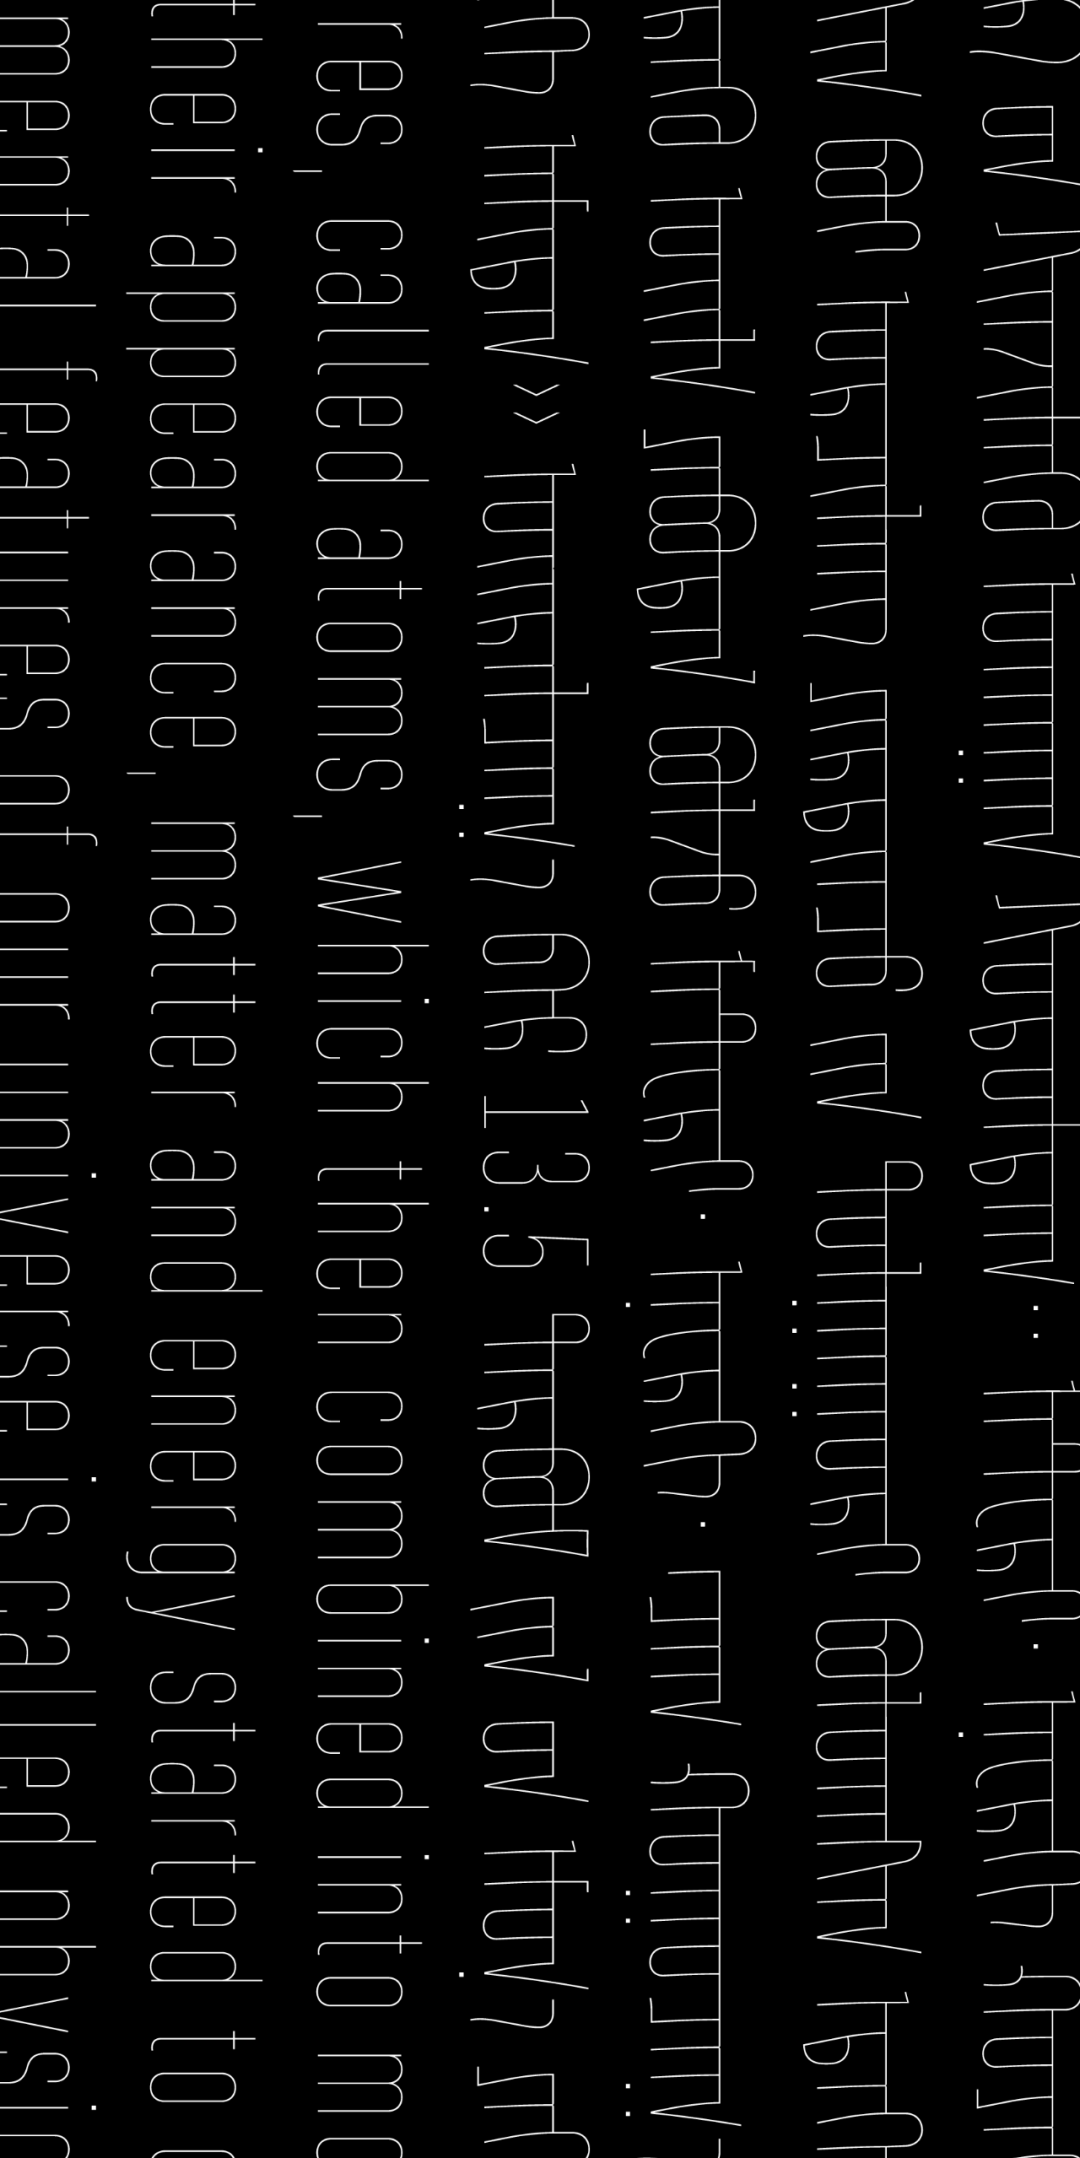 几何风格蒙古字体 Ailognom™ 第3张 几何风格蒙古字体 Ailognom™ 蒙古设计